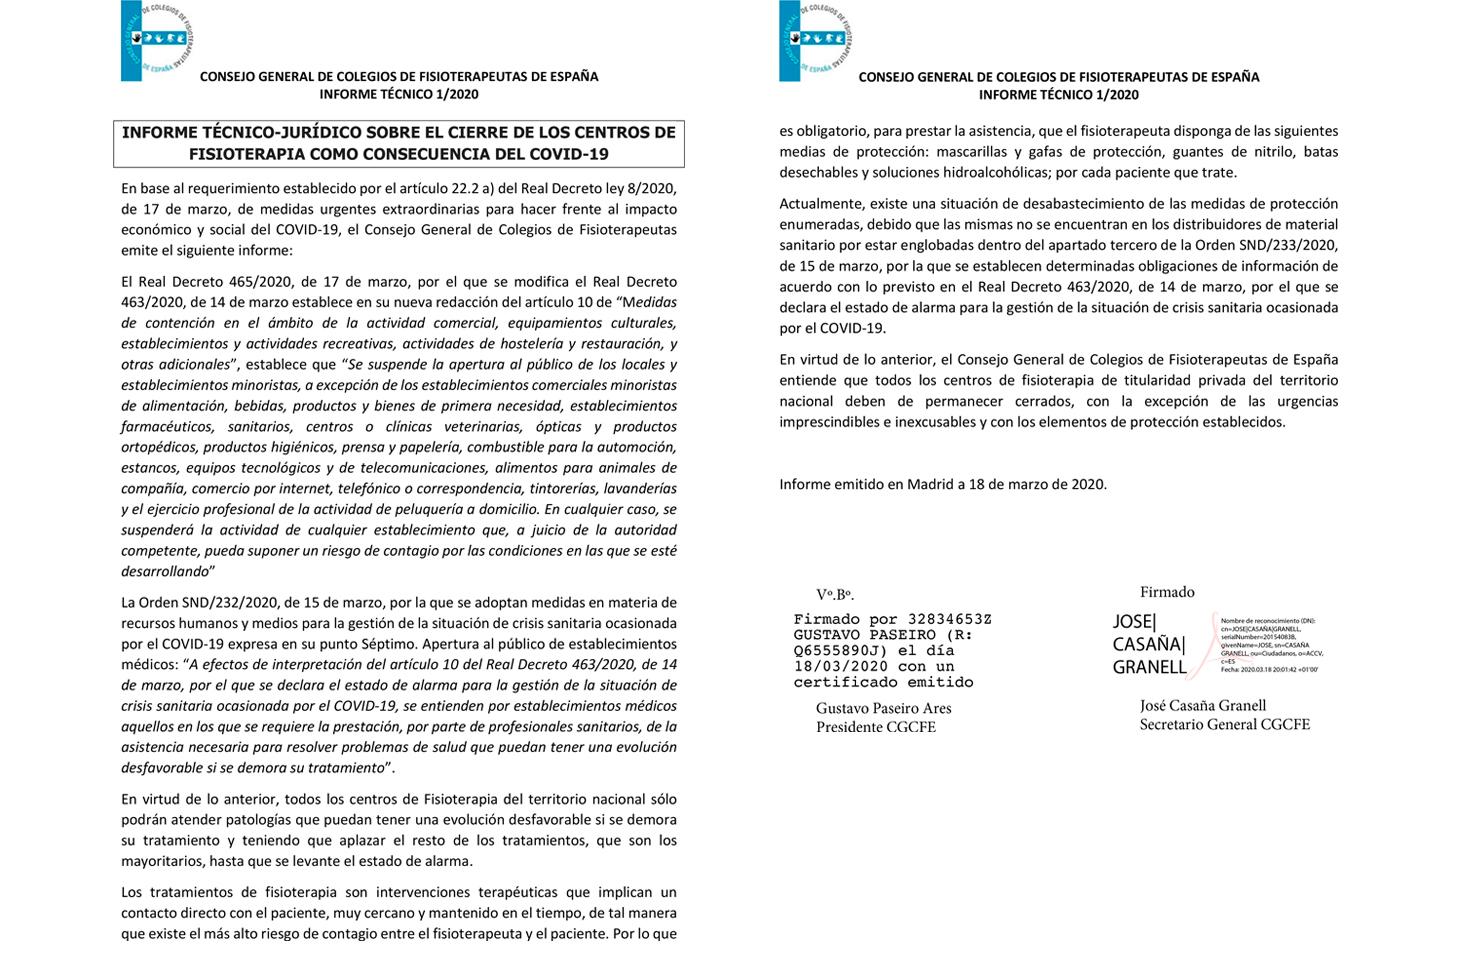 El CGCFE, con el apoyo de los Colegios de Fisioterapia, emite un informe técnico sobre el cierre de los centros de Fisioterapia como consecuencia del Covid-19